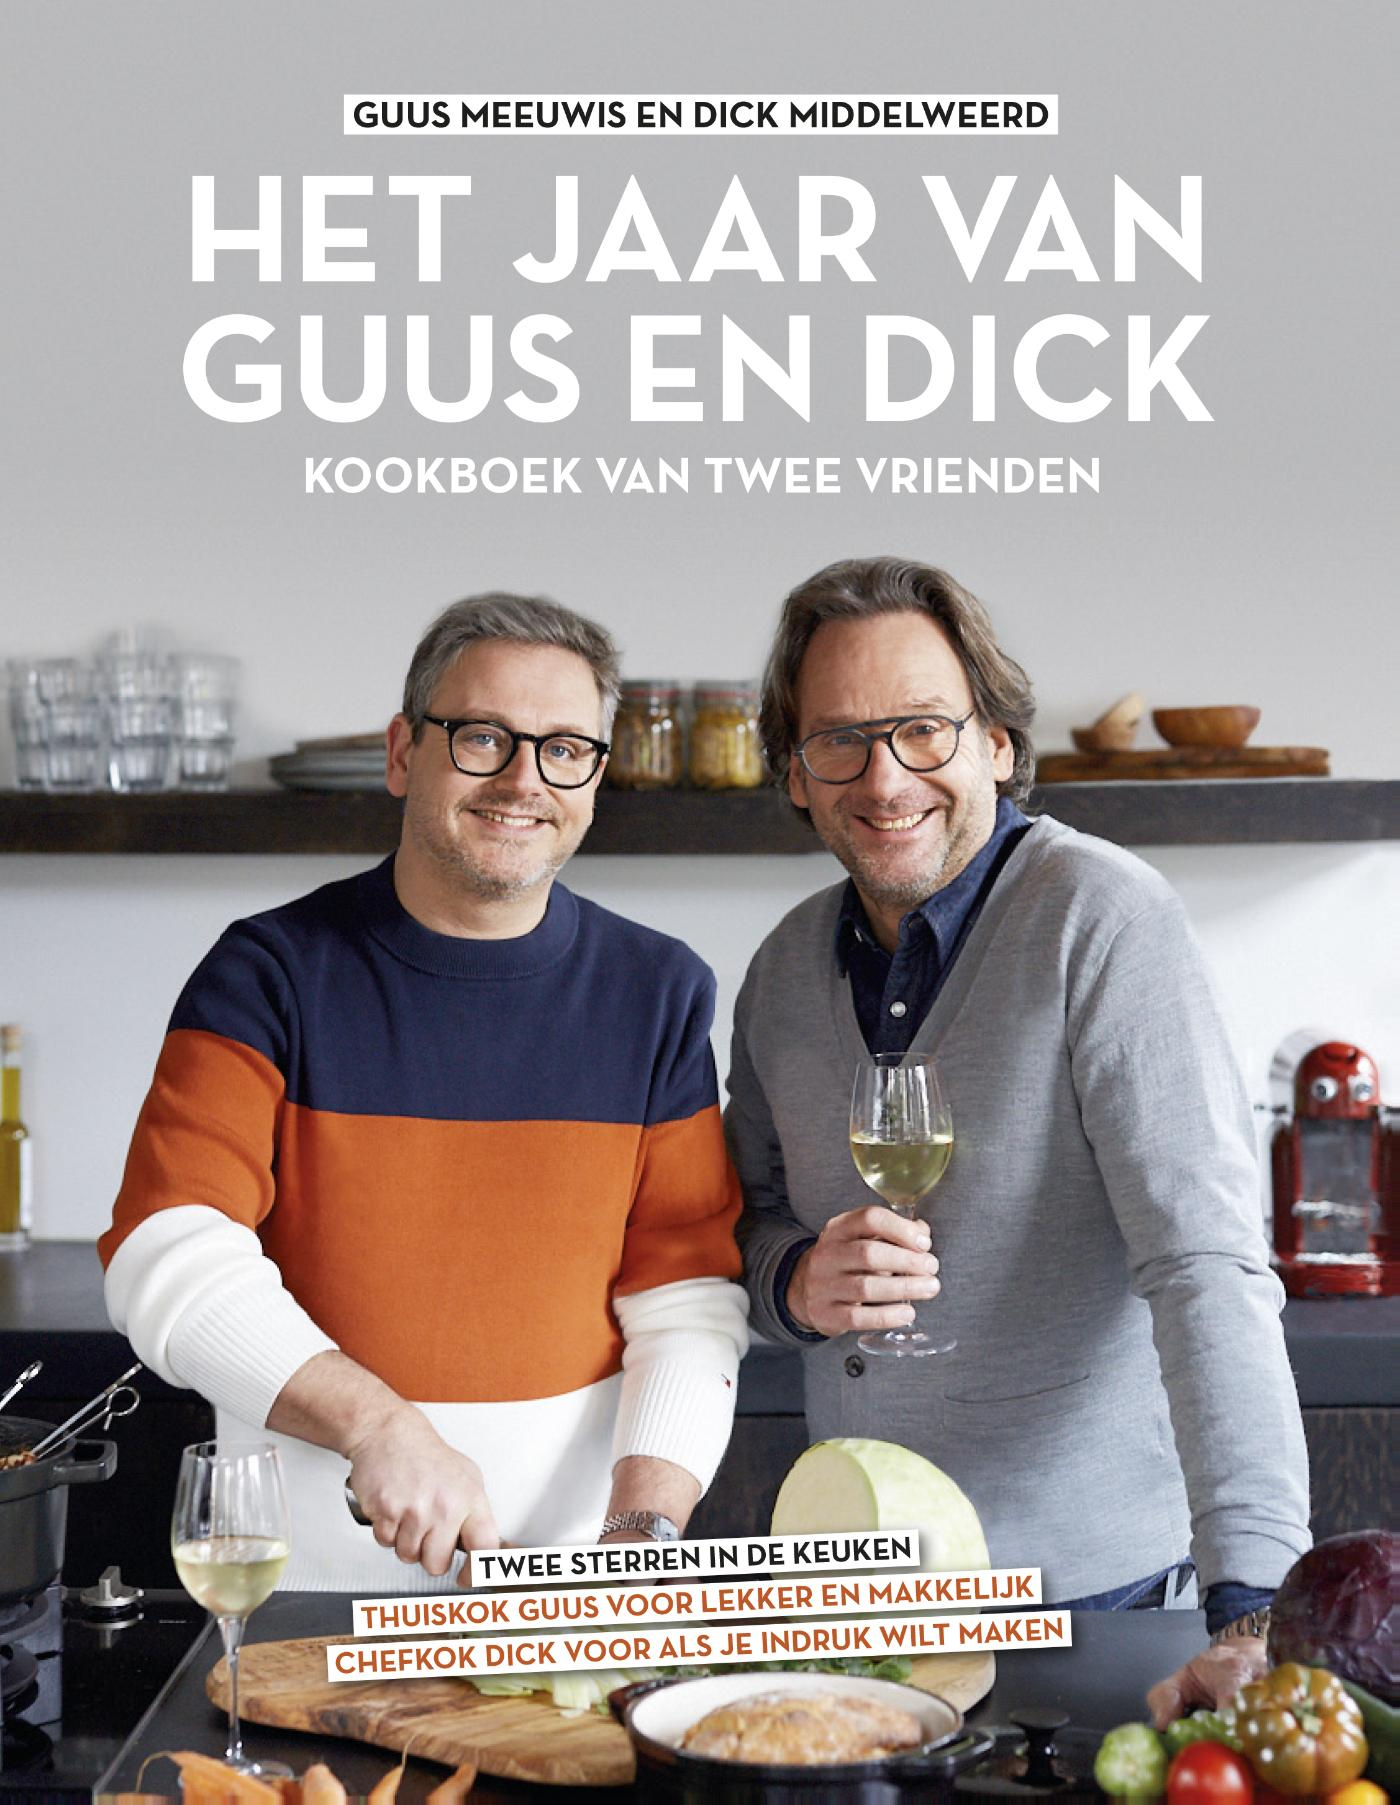 Het jaar van Guus en Dick